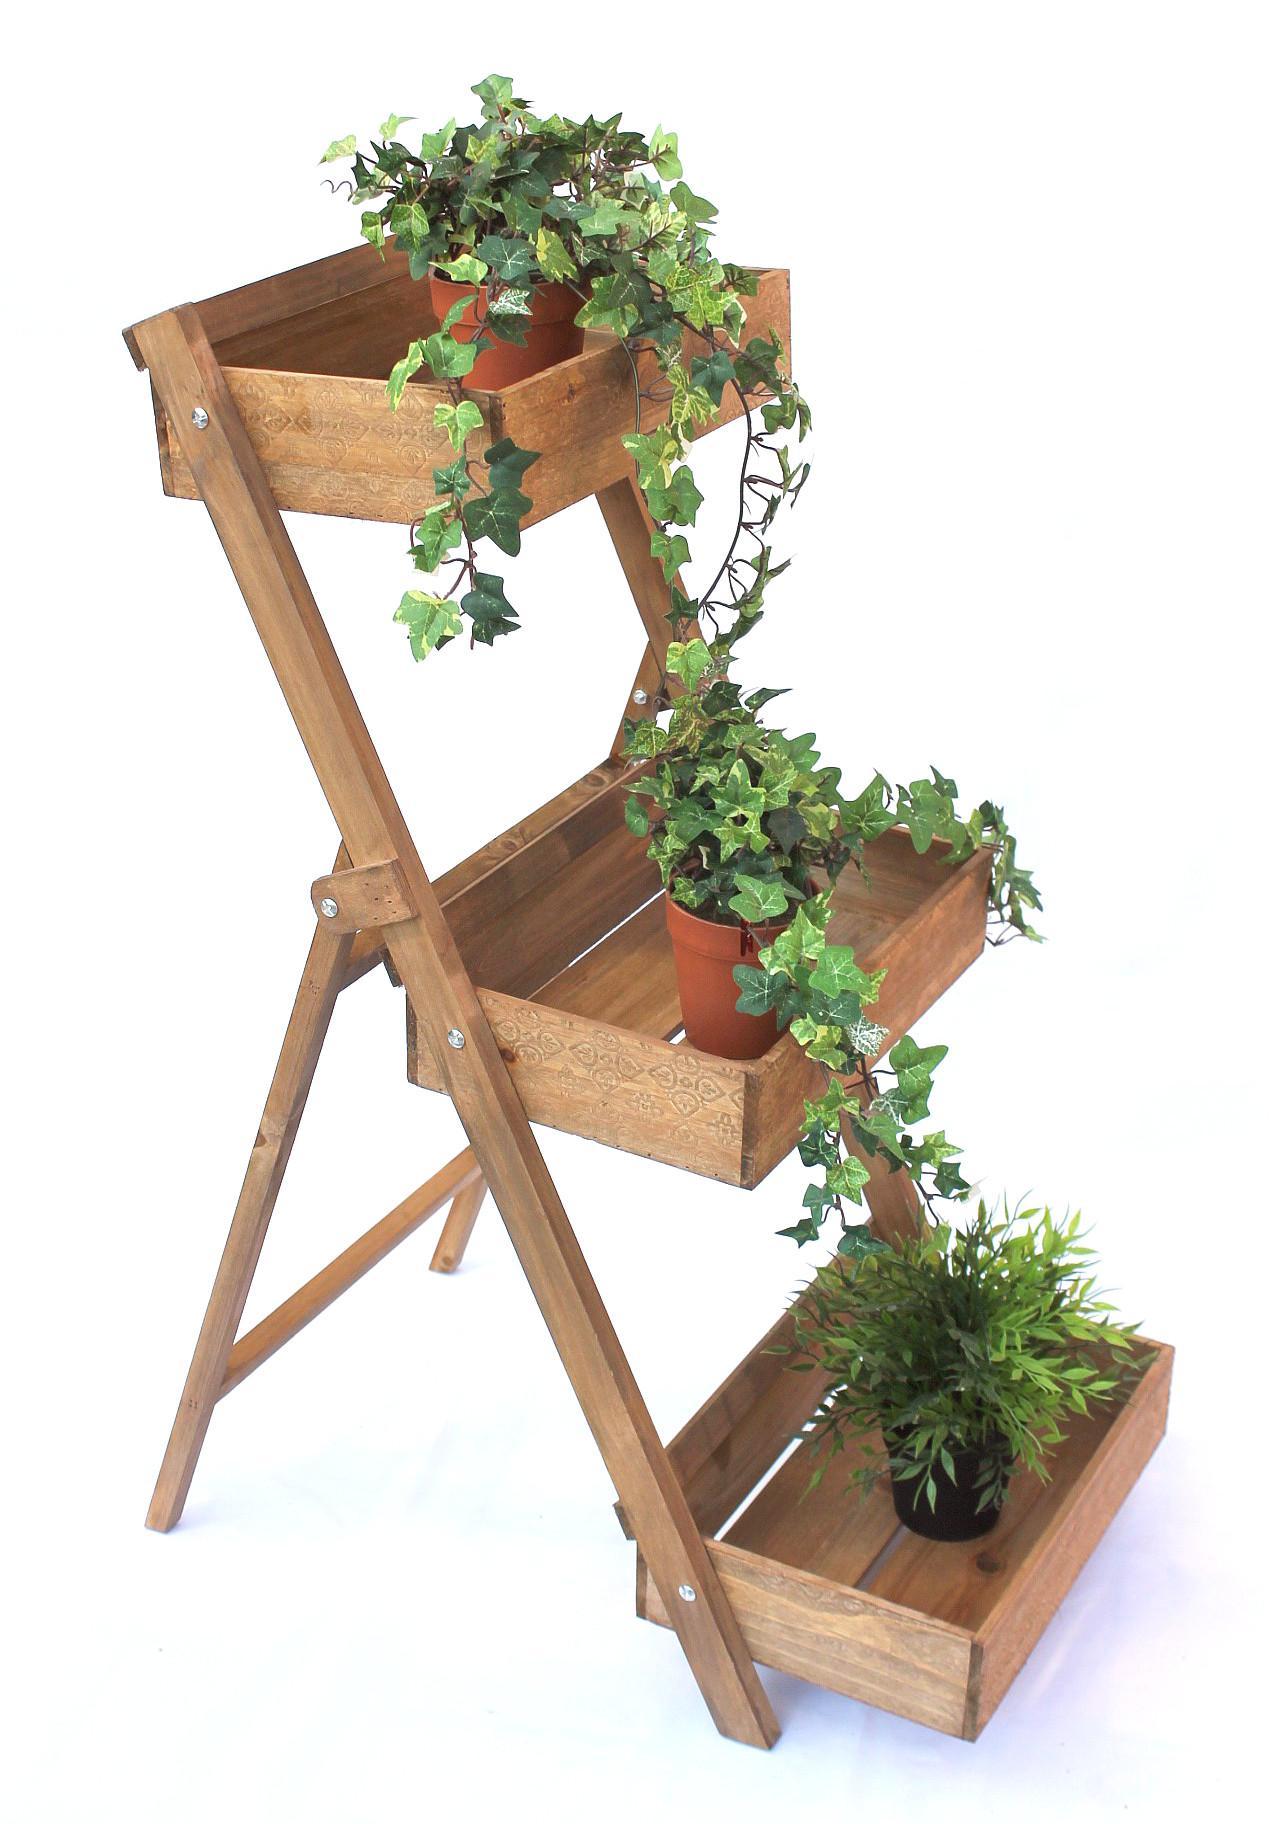 kräuterregal fiora-1 aus holz 90cm blumentreppe pflanzentreppe